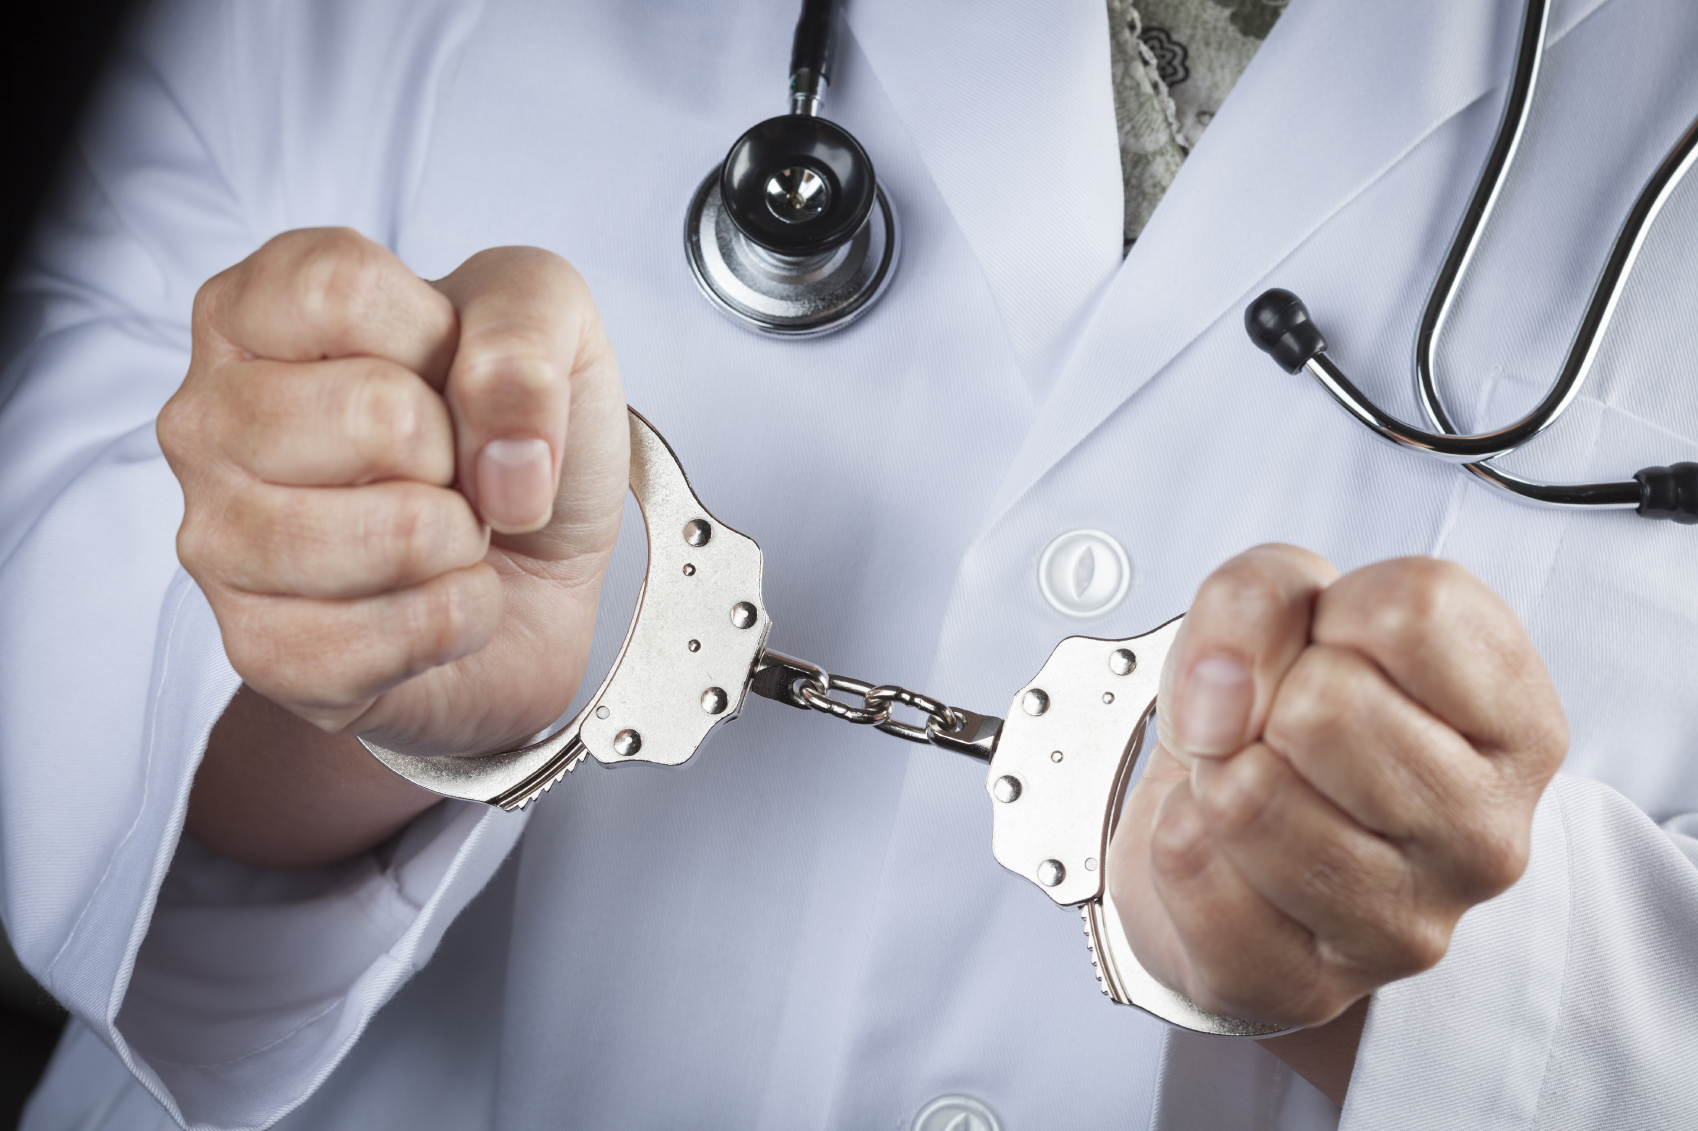 Куда подать жалобу на халатность врачей в Калининграде? Пожаловаться на врачей Калининград